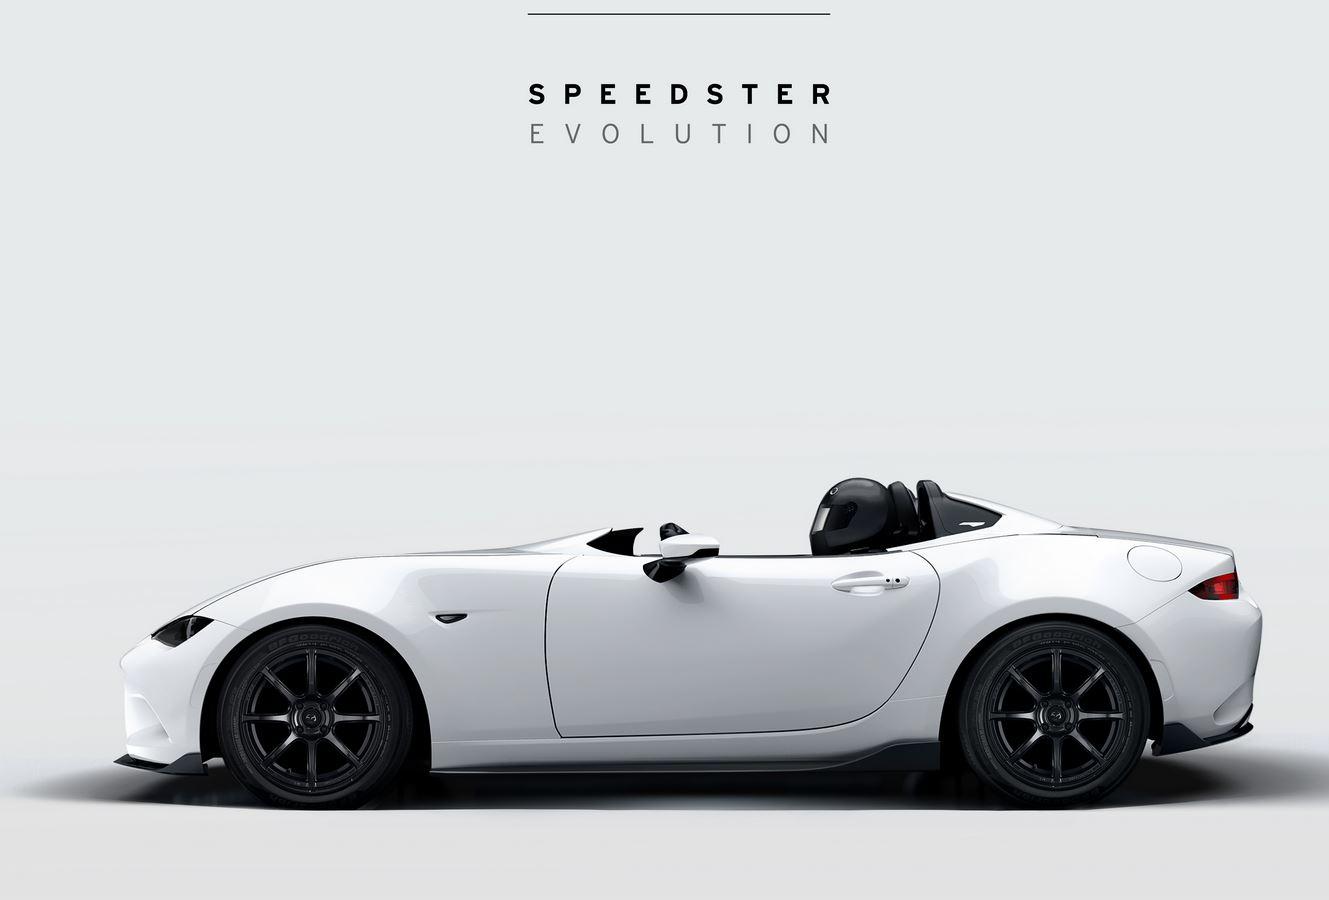 https://s1.cdn.autoevolution.com/images/news/mazda-previews-mx-5-speedster-evolution-and-mx-5-rf-kuro-for-sema-2016-112427_1.jpg